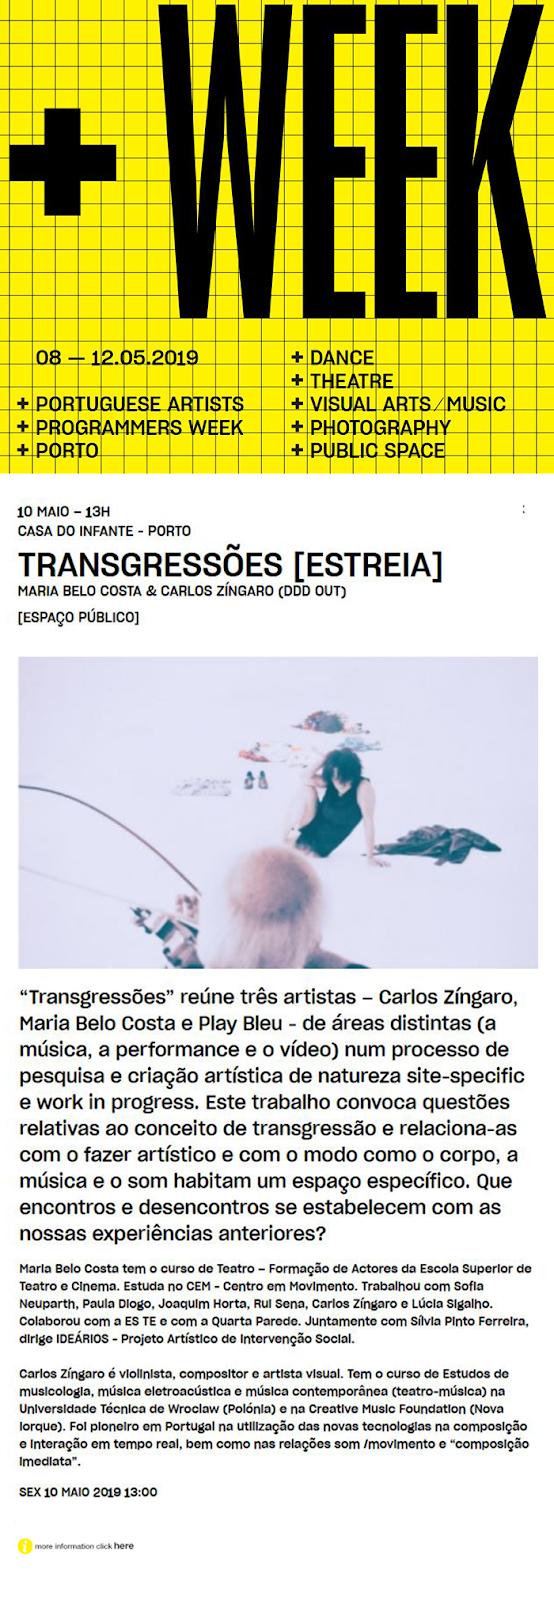 http://dddmaisfitei.com/pt/evento/transgressoes-estreia-maria-belo-costa-carlos-zingaro-ddd-out/